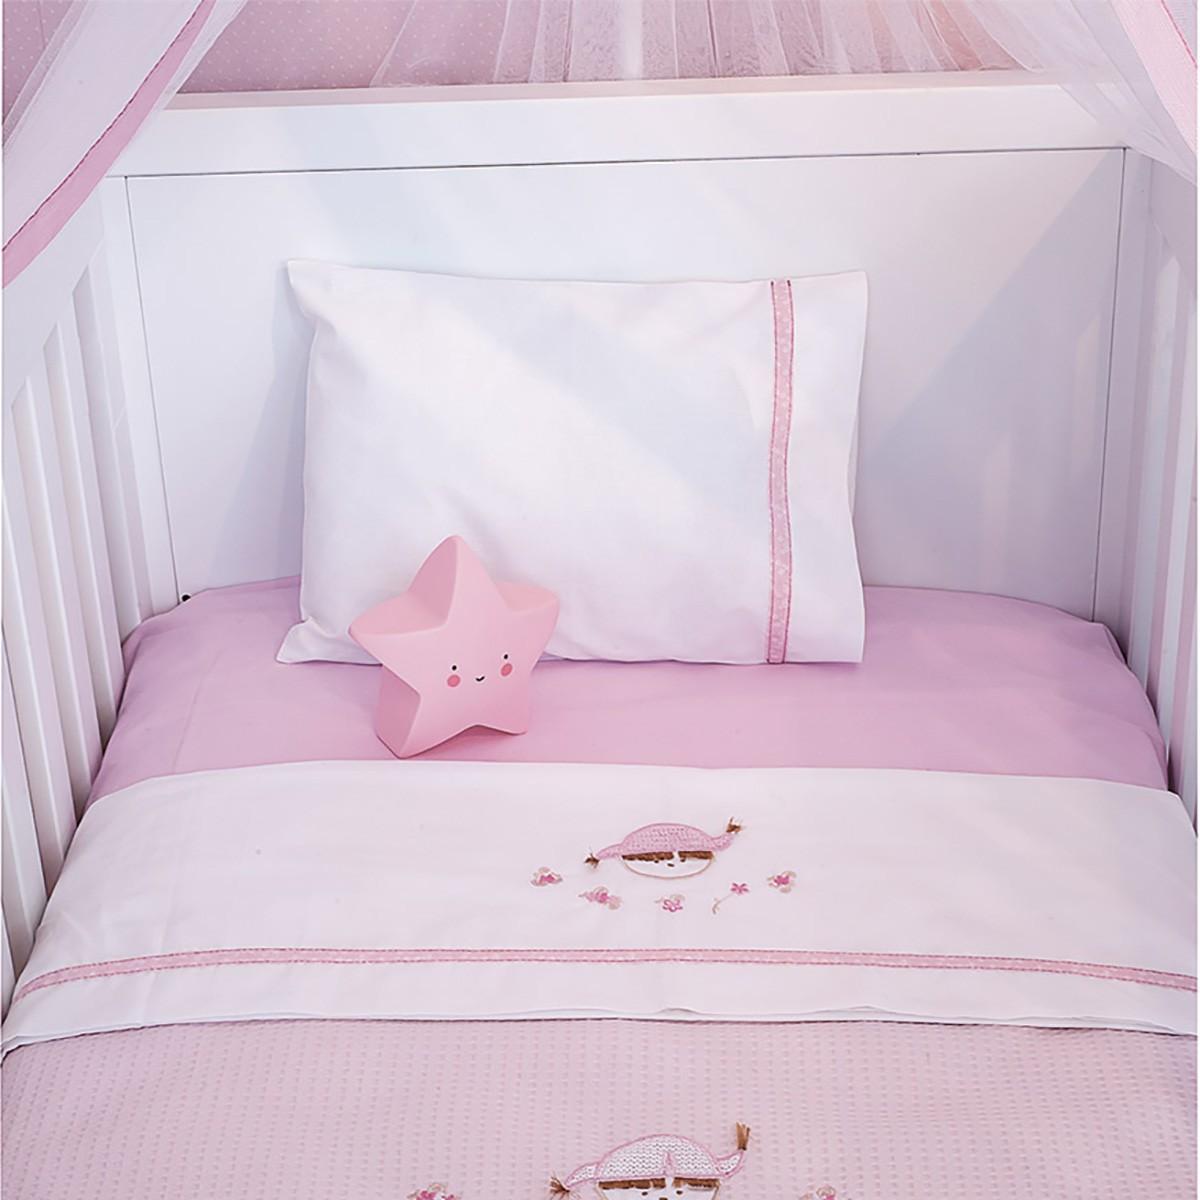 Σεντόνια Κούνιας (Σετ) Baby Oliver Pink Booboo 142